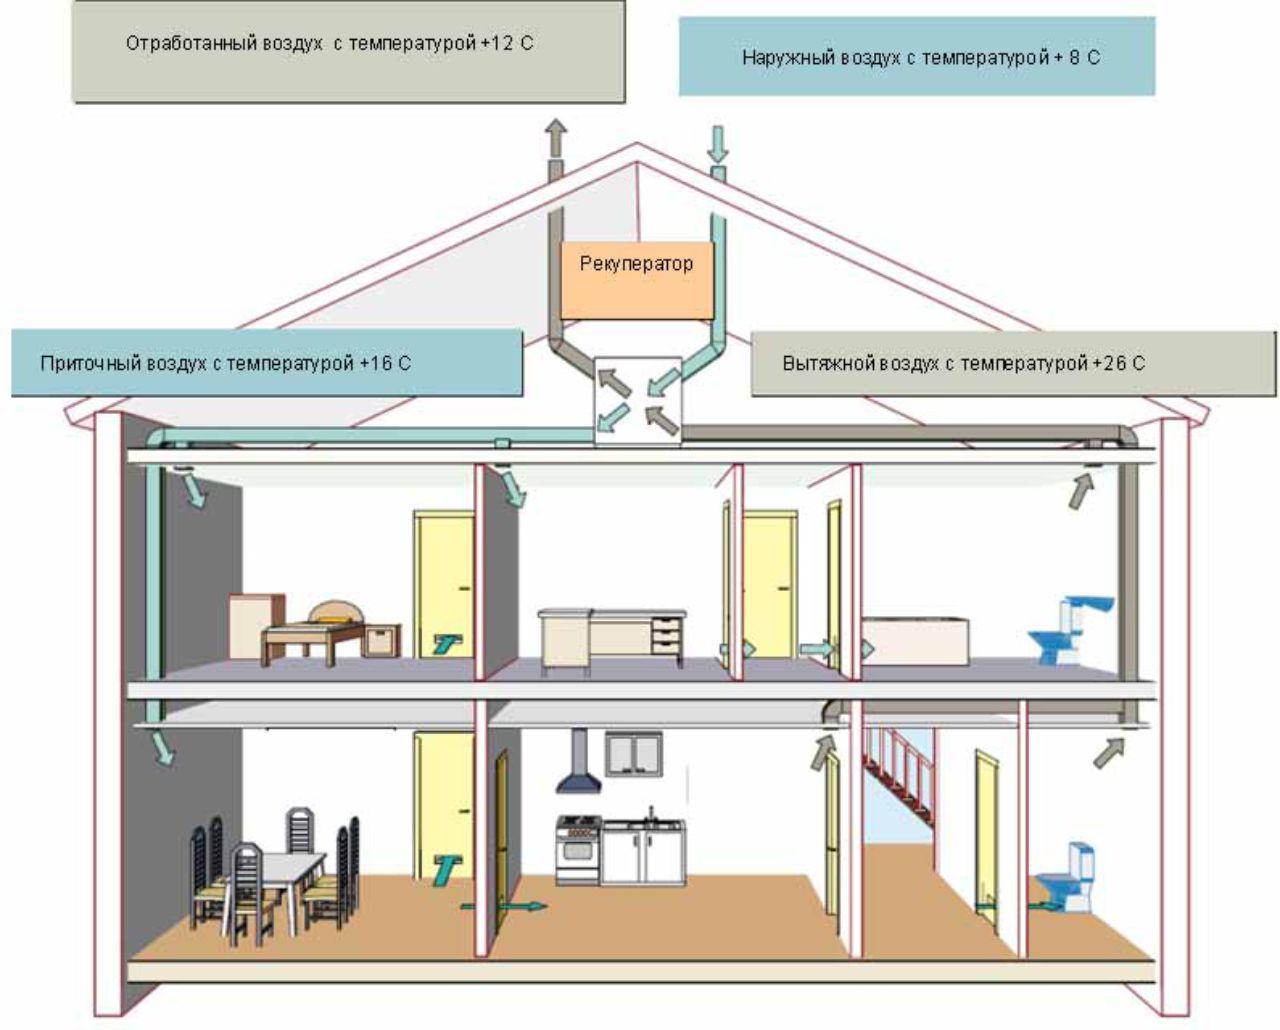 Приточно-вытяжная система вентиляции с механическим побуждением. С рекуператором.